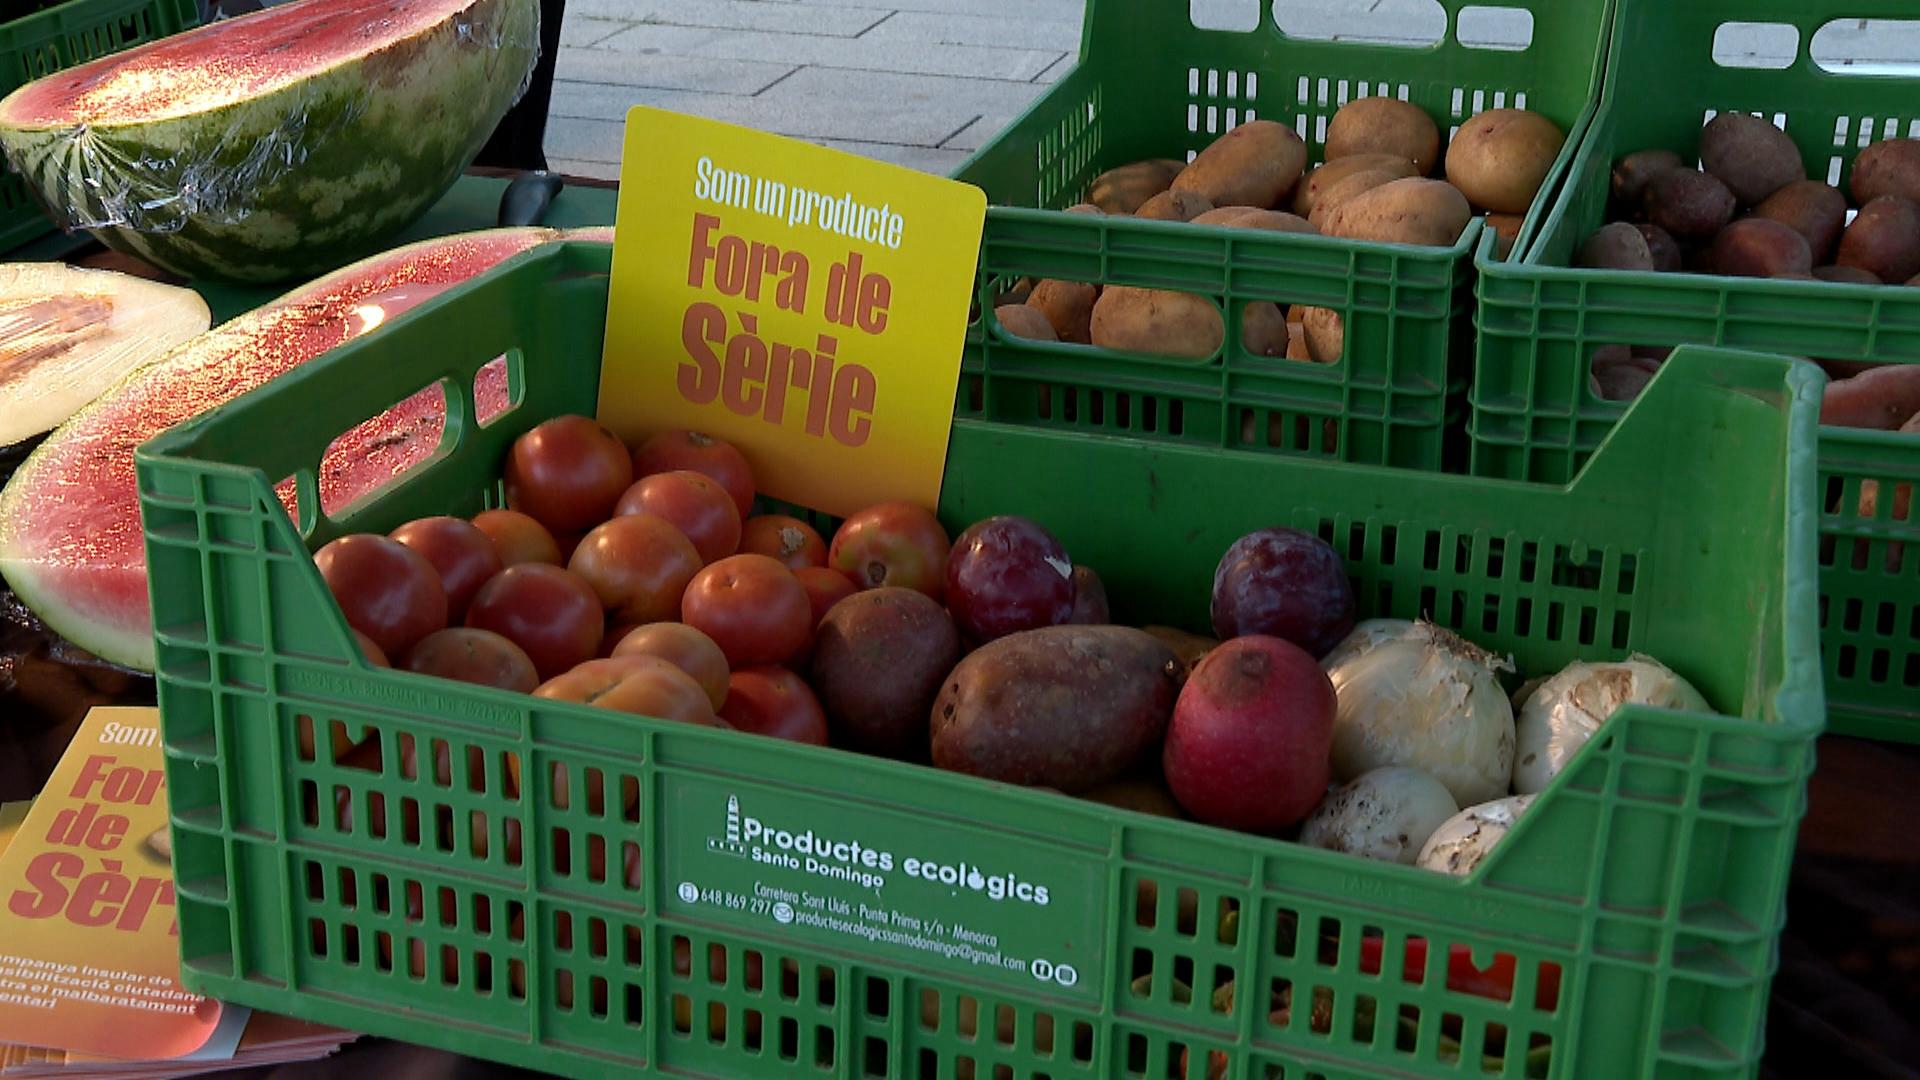 Cada+any+es+desaprofiten+a+Menorca+prop+de+12.000+tones+d%26apos%3Baliments%2C+la+majoria+productes+frescos